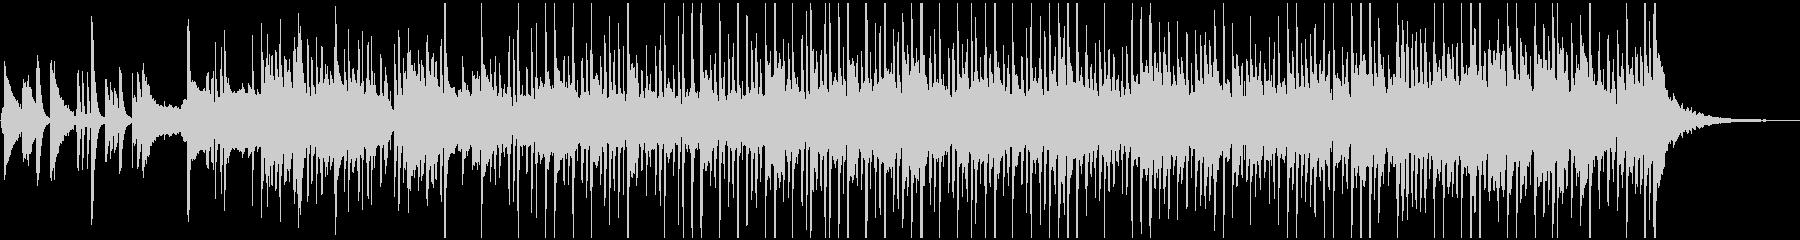 イントロの後、開放的なBGMの未再生の波形